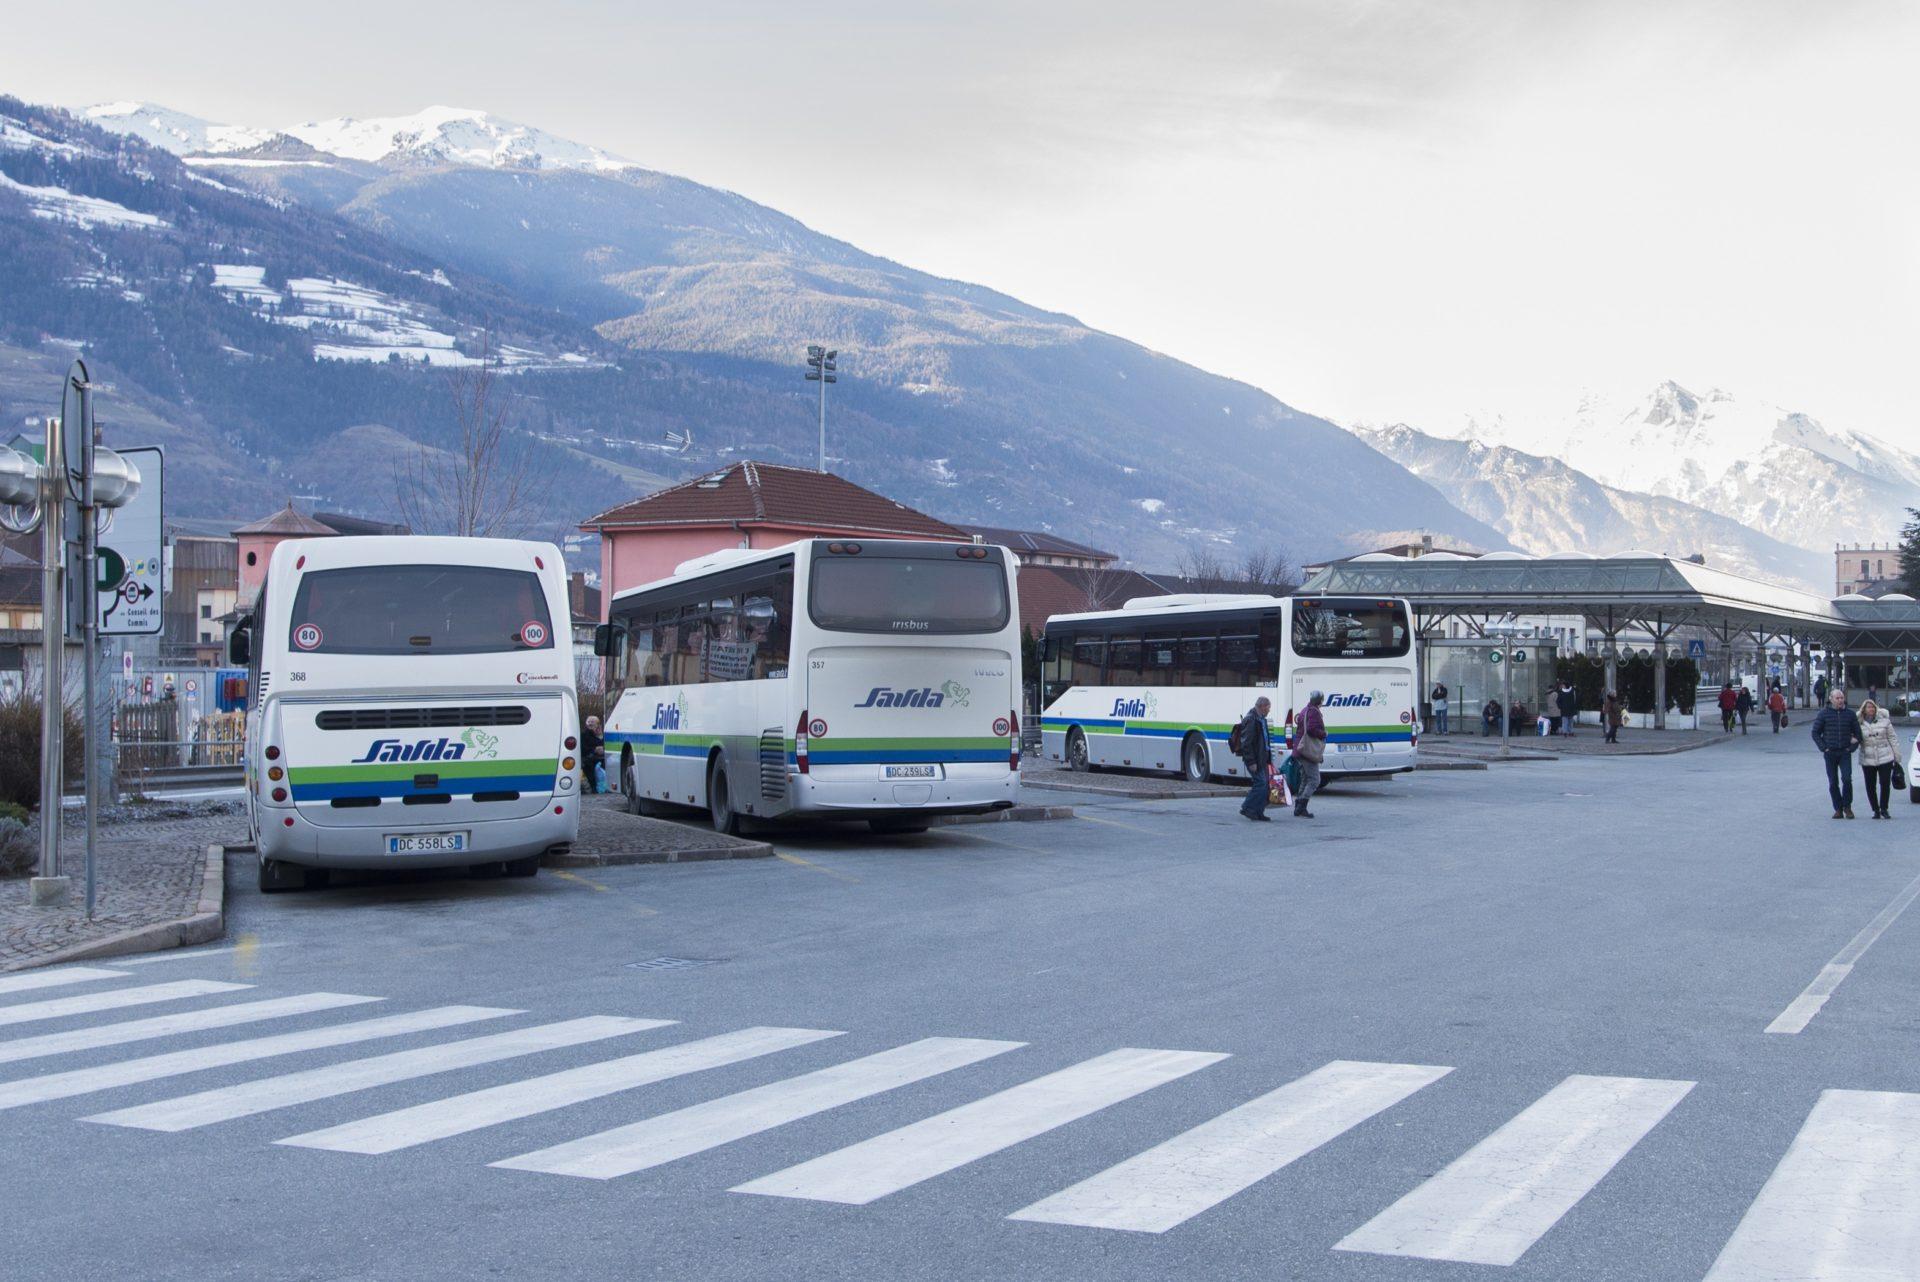 Stazione Autobus Aosta